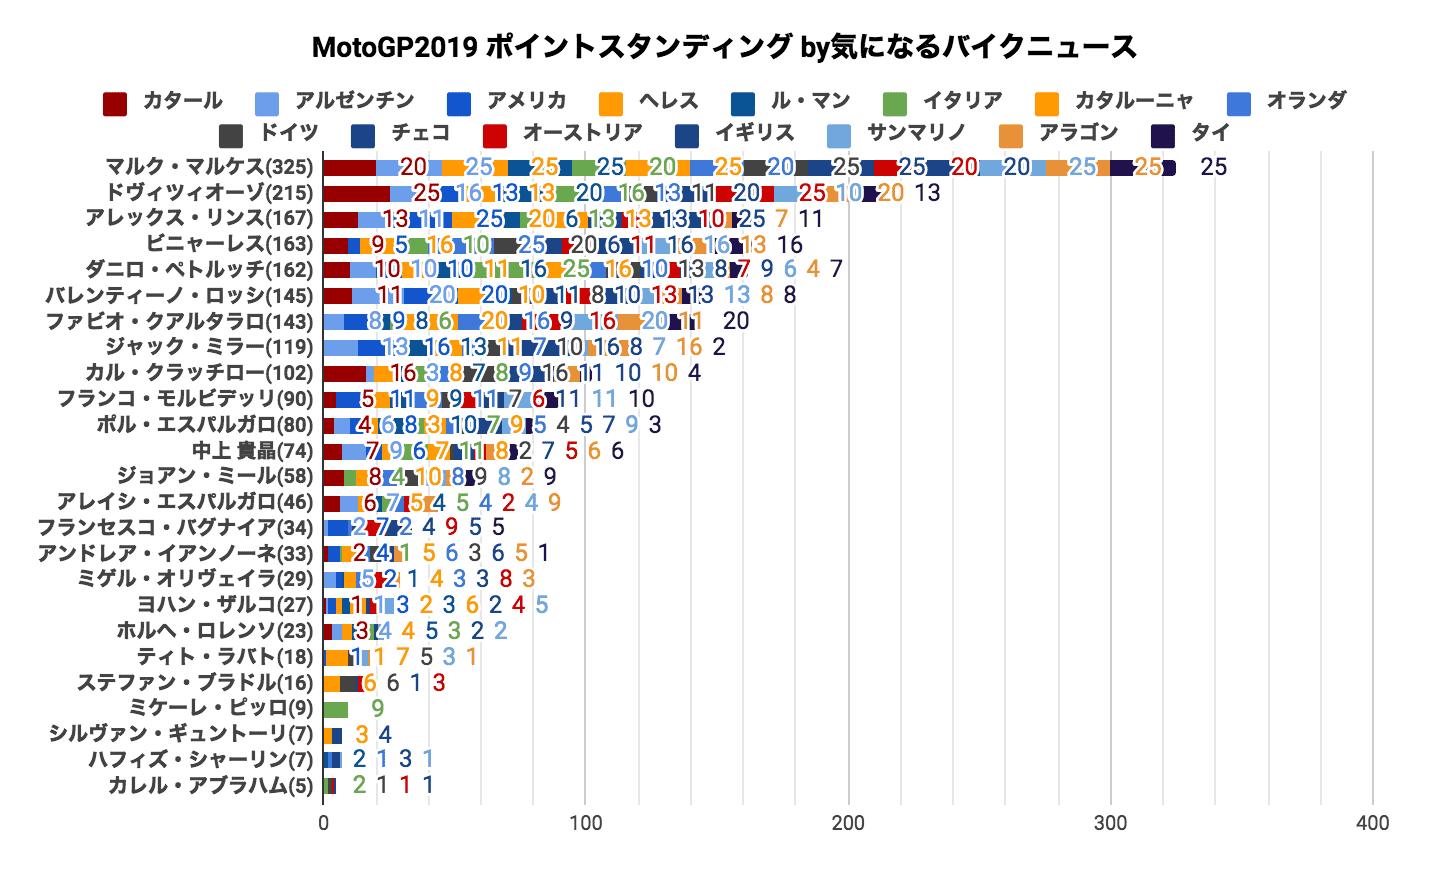 MotoGP2019 ポイントスタンディング(2019/10/08時点)